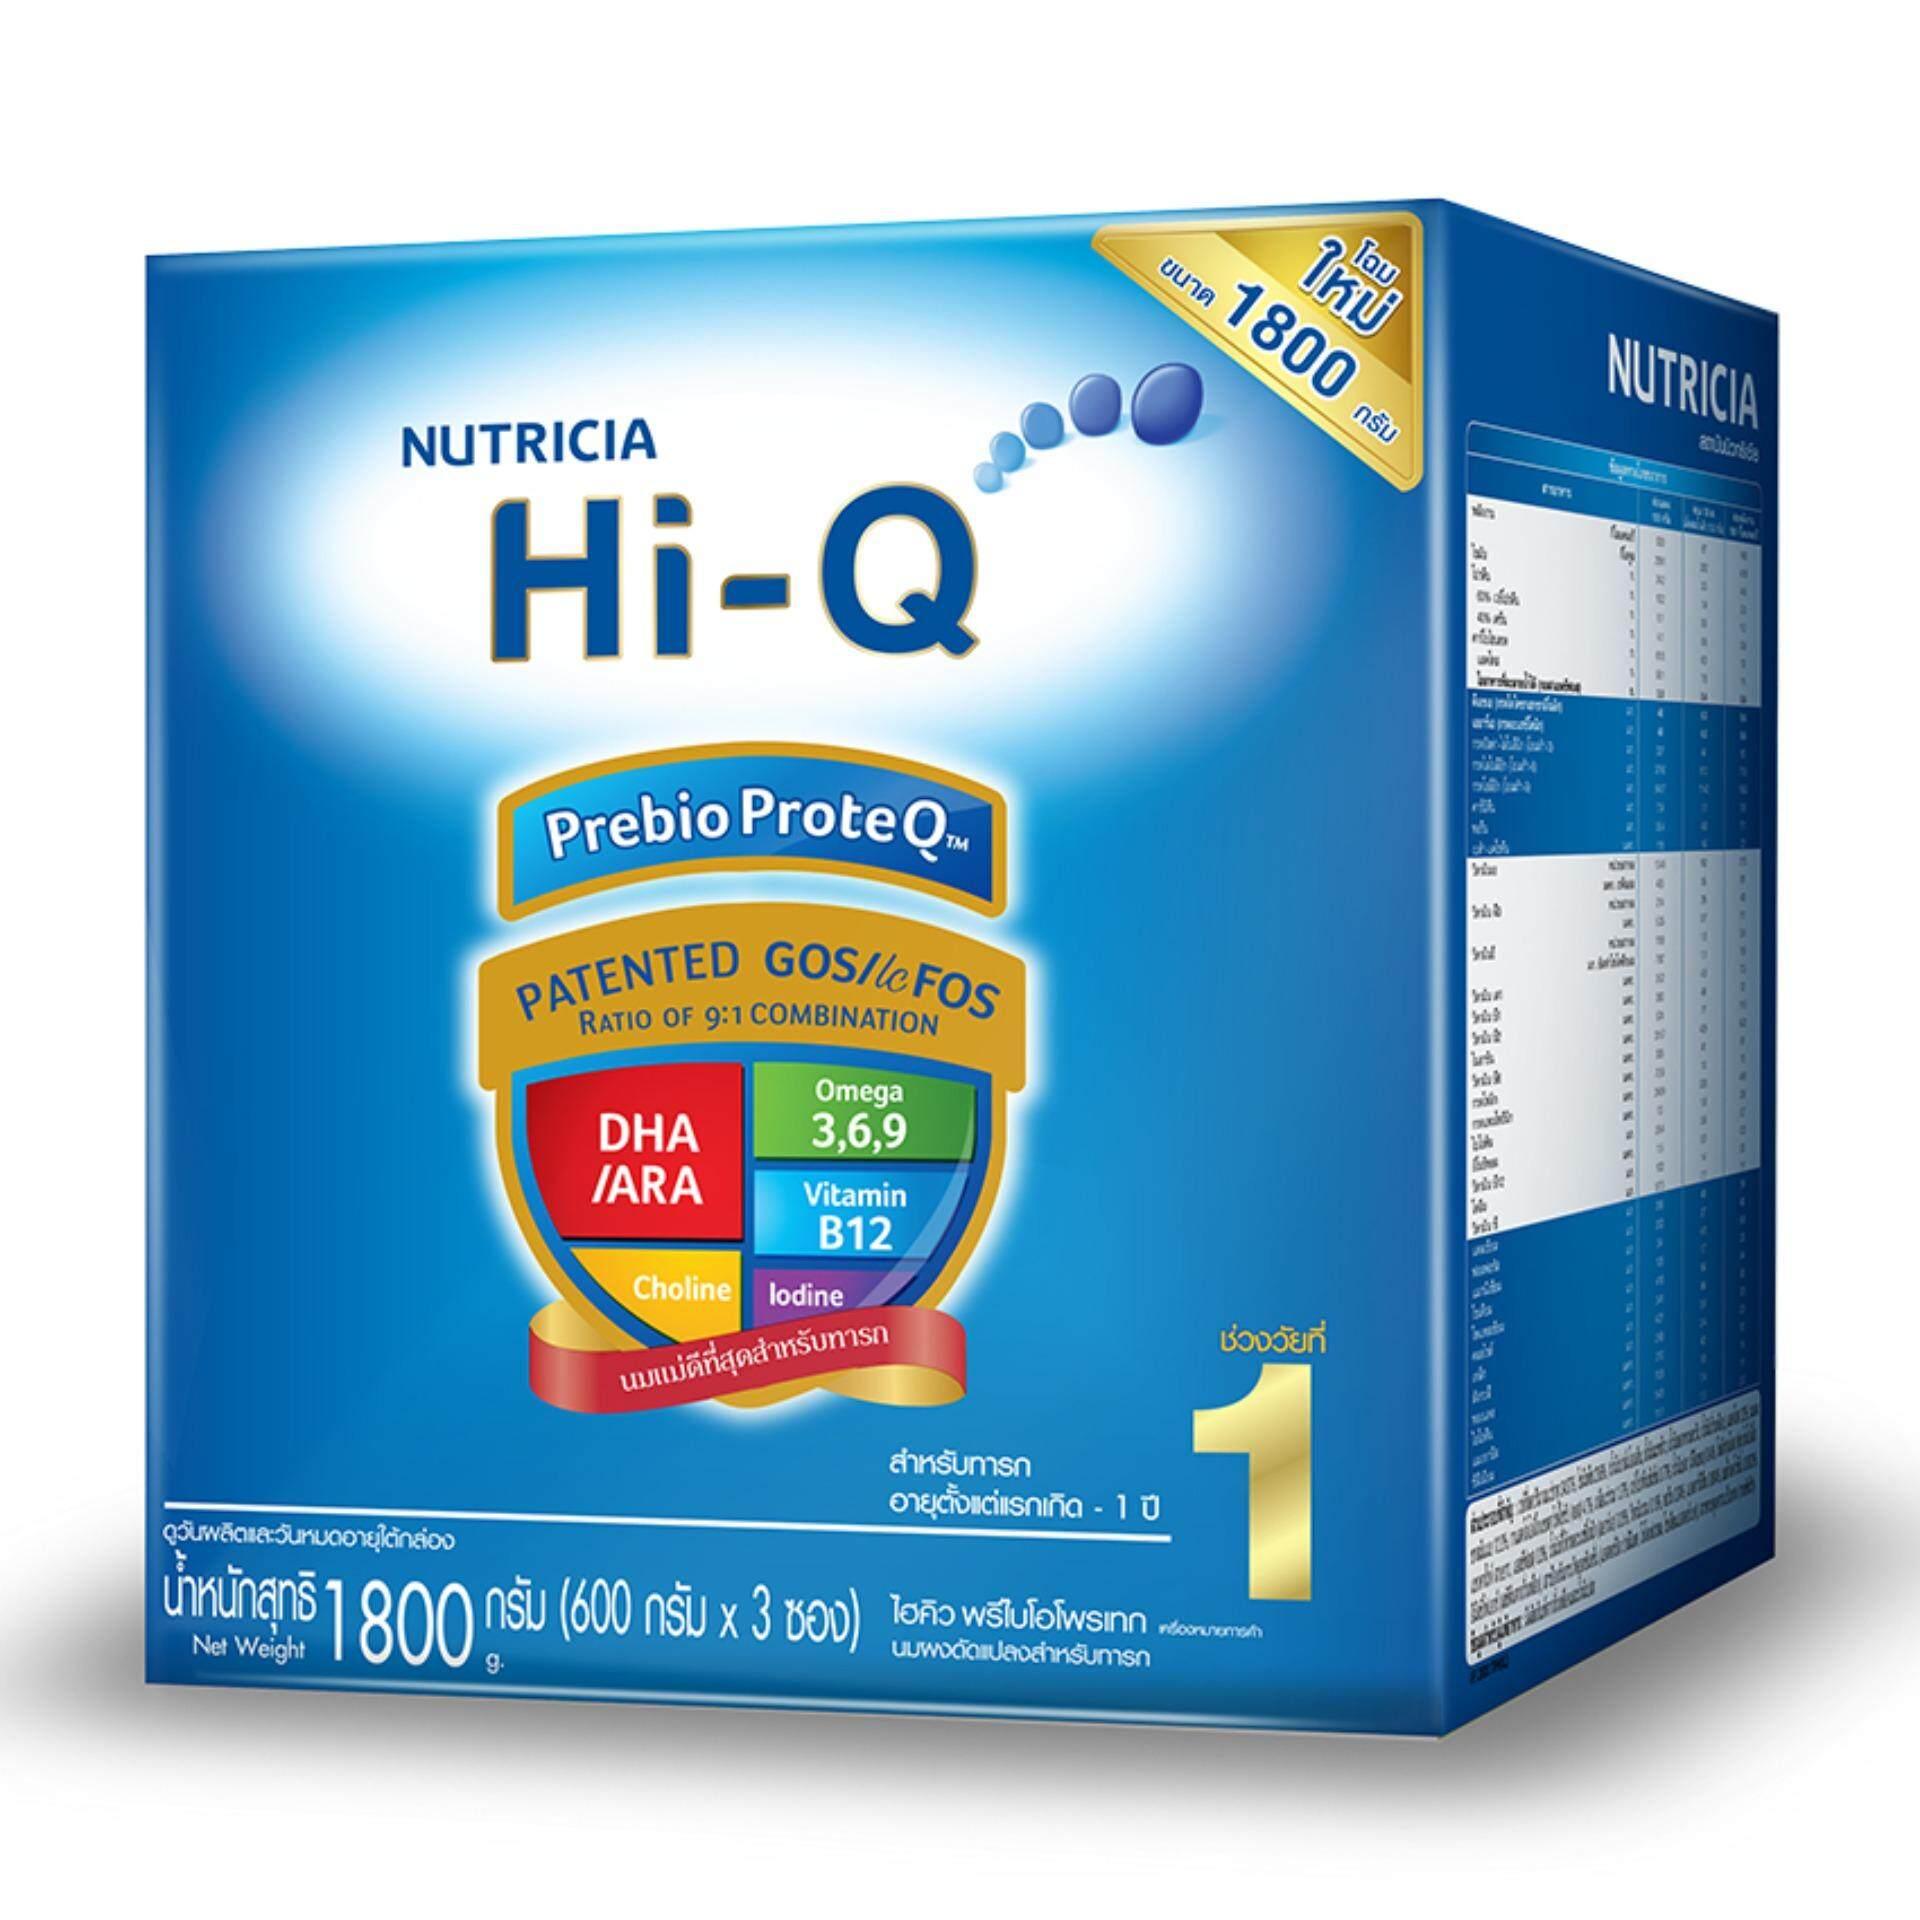 โปรโมชั่น Hi Q ไฮคิว นมผง พรีไบโอโพรเทค ช่วงวัยที่ 1 รสจืด 1800 กรัม Hiq ใหม่ล่าสุด